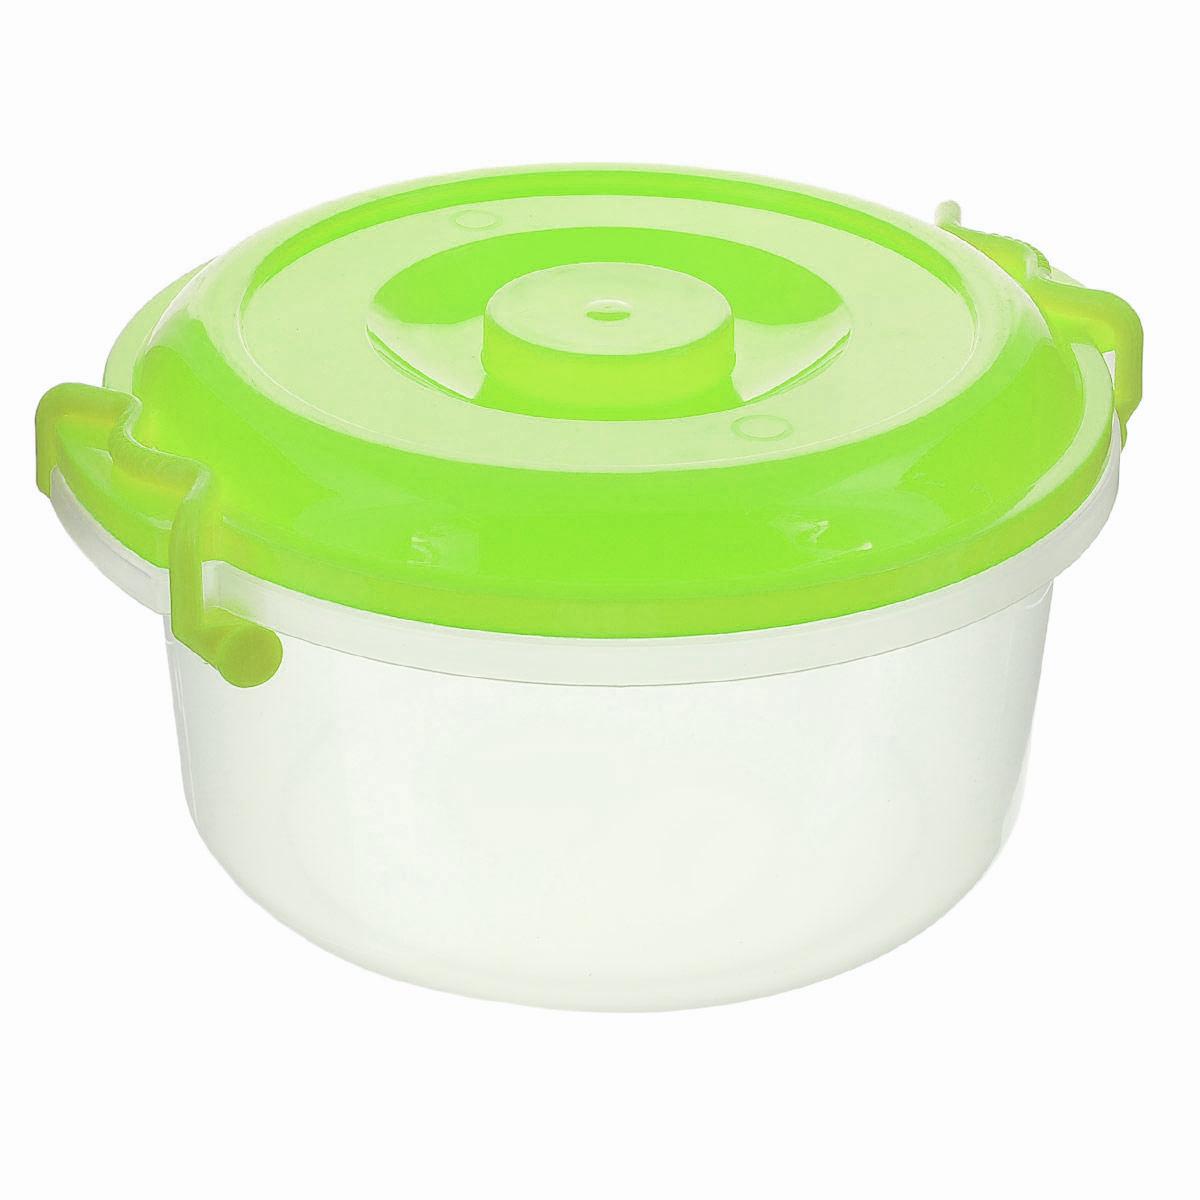 """Контейнер """"Альтернатива"""" изготовлен из высококачественного пищевого  пластика. Изделие оснащено крышкой и ручками, которые плотно закрывают  контейнер. Также на крышке имеется ручка для удобной переноски. Емкость  предназначена для хранения различных бытовых вещей и продуктов.  Такой  контейнер очень функционален и всегда пригодится на кухне.    Диаметр контейнера (по верхнему краю): 25 см.  Высота стенок: 13,5 см.  Объем: 5 л."""